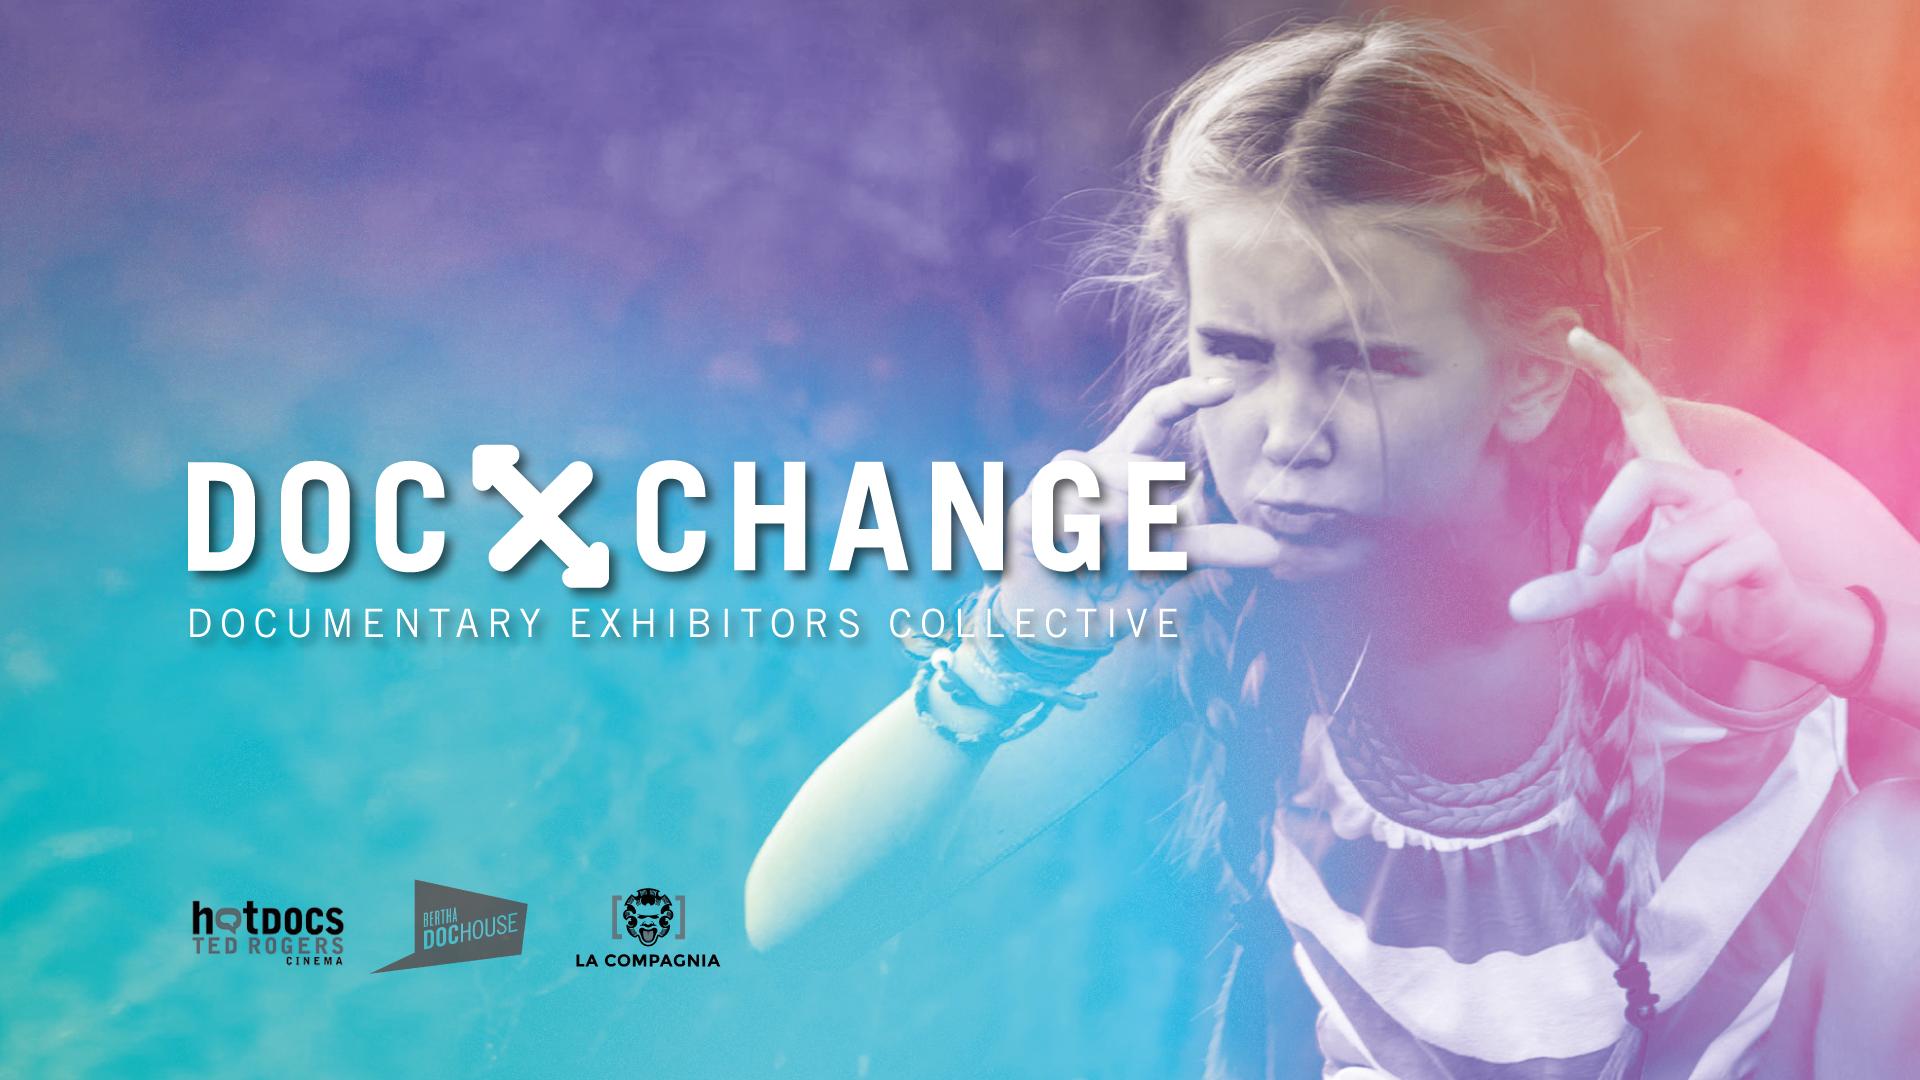 DocXchange